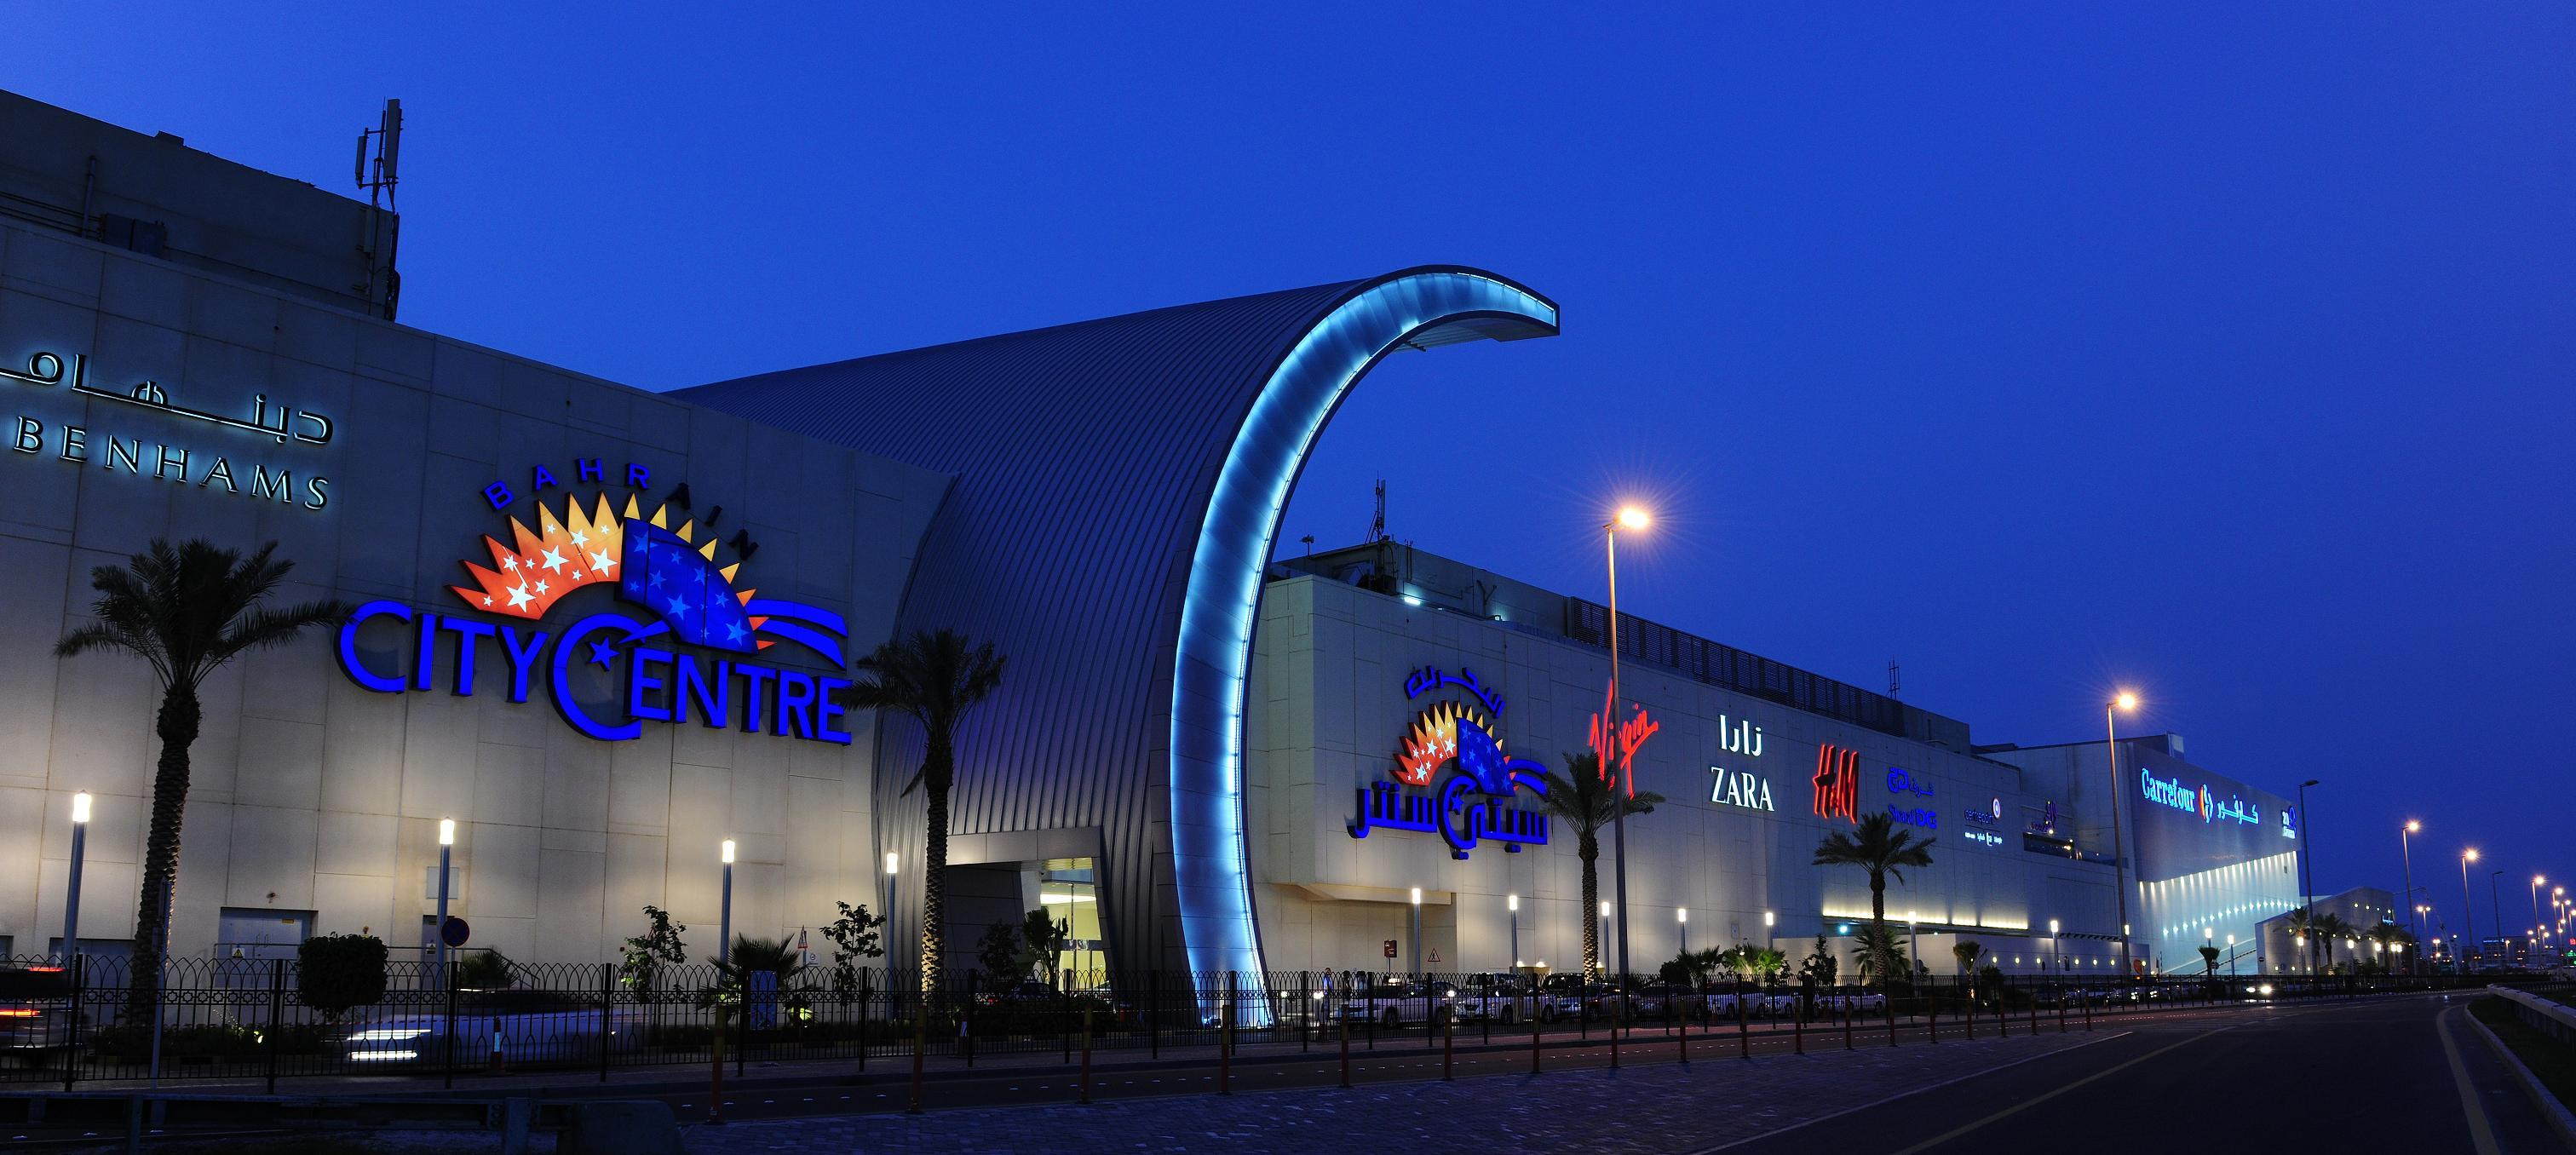 اهم الاماكن السياحية فى المنامه عاصمة البحرين السياحة فى المنامه عاصمة البحرين (6)